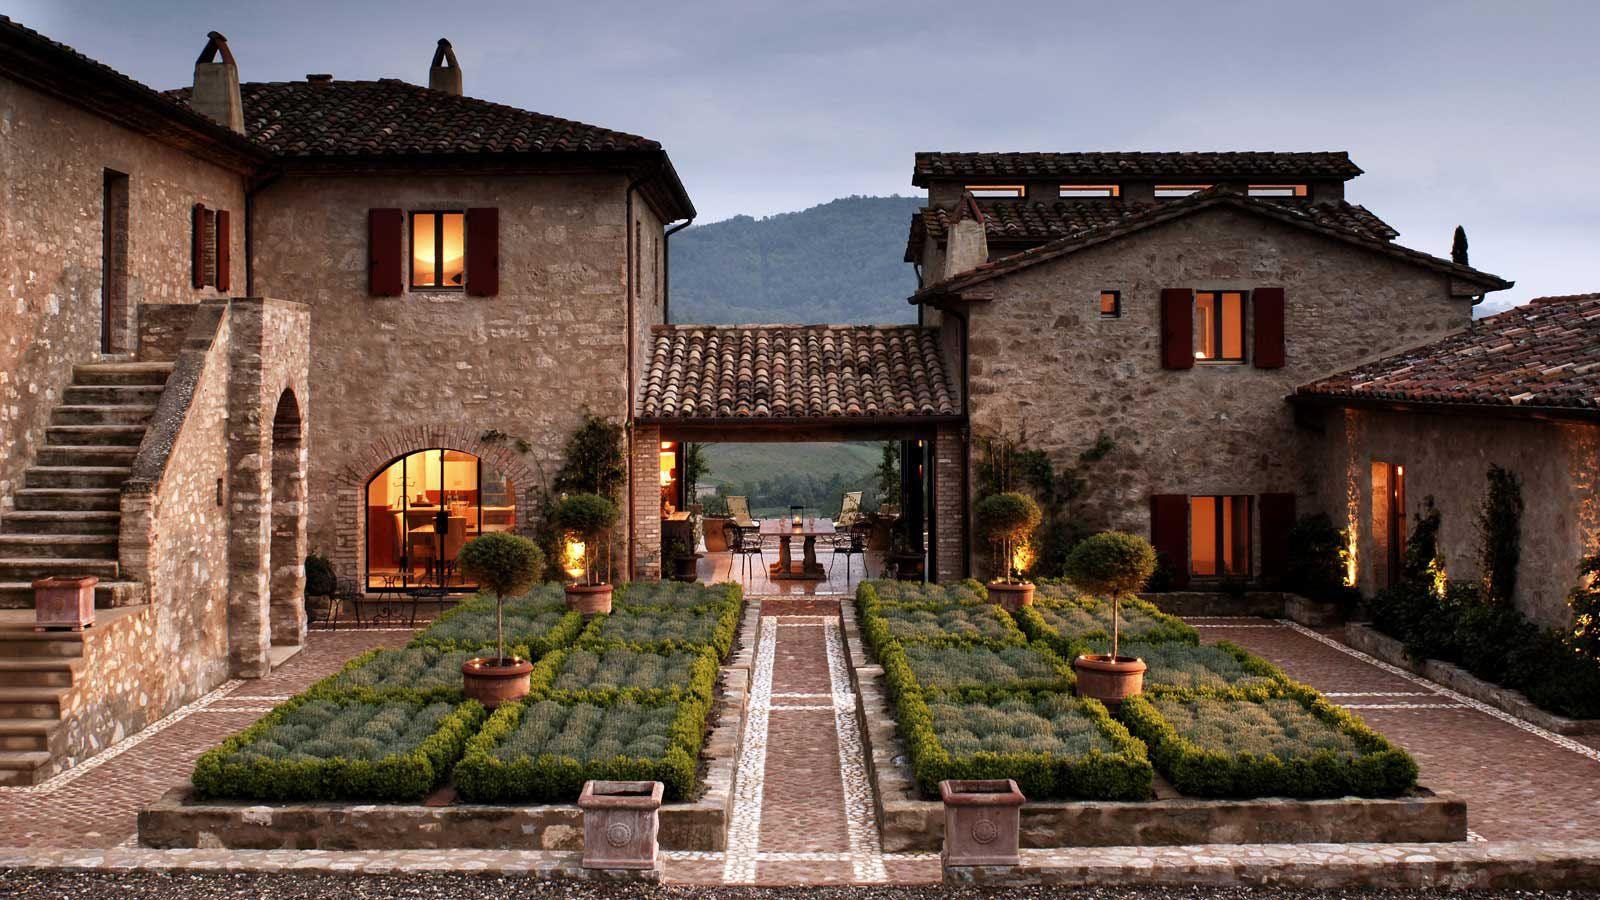 The luxury estate of Castello di Reschio in Umbria Italy